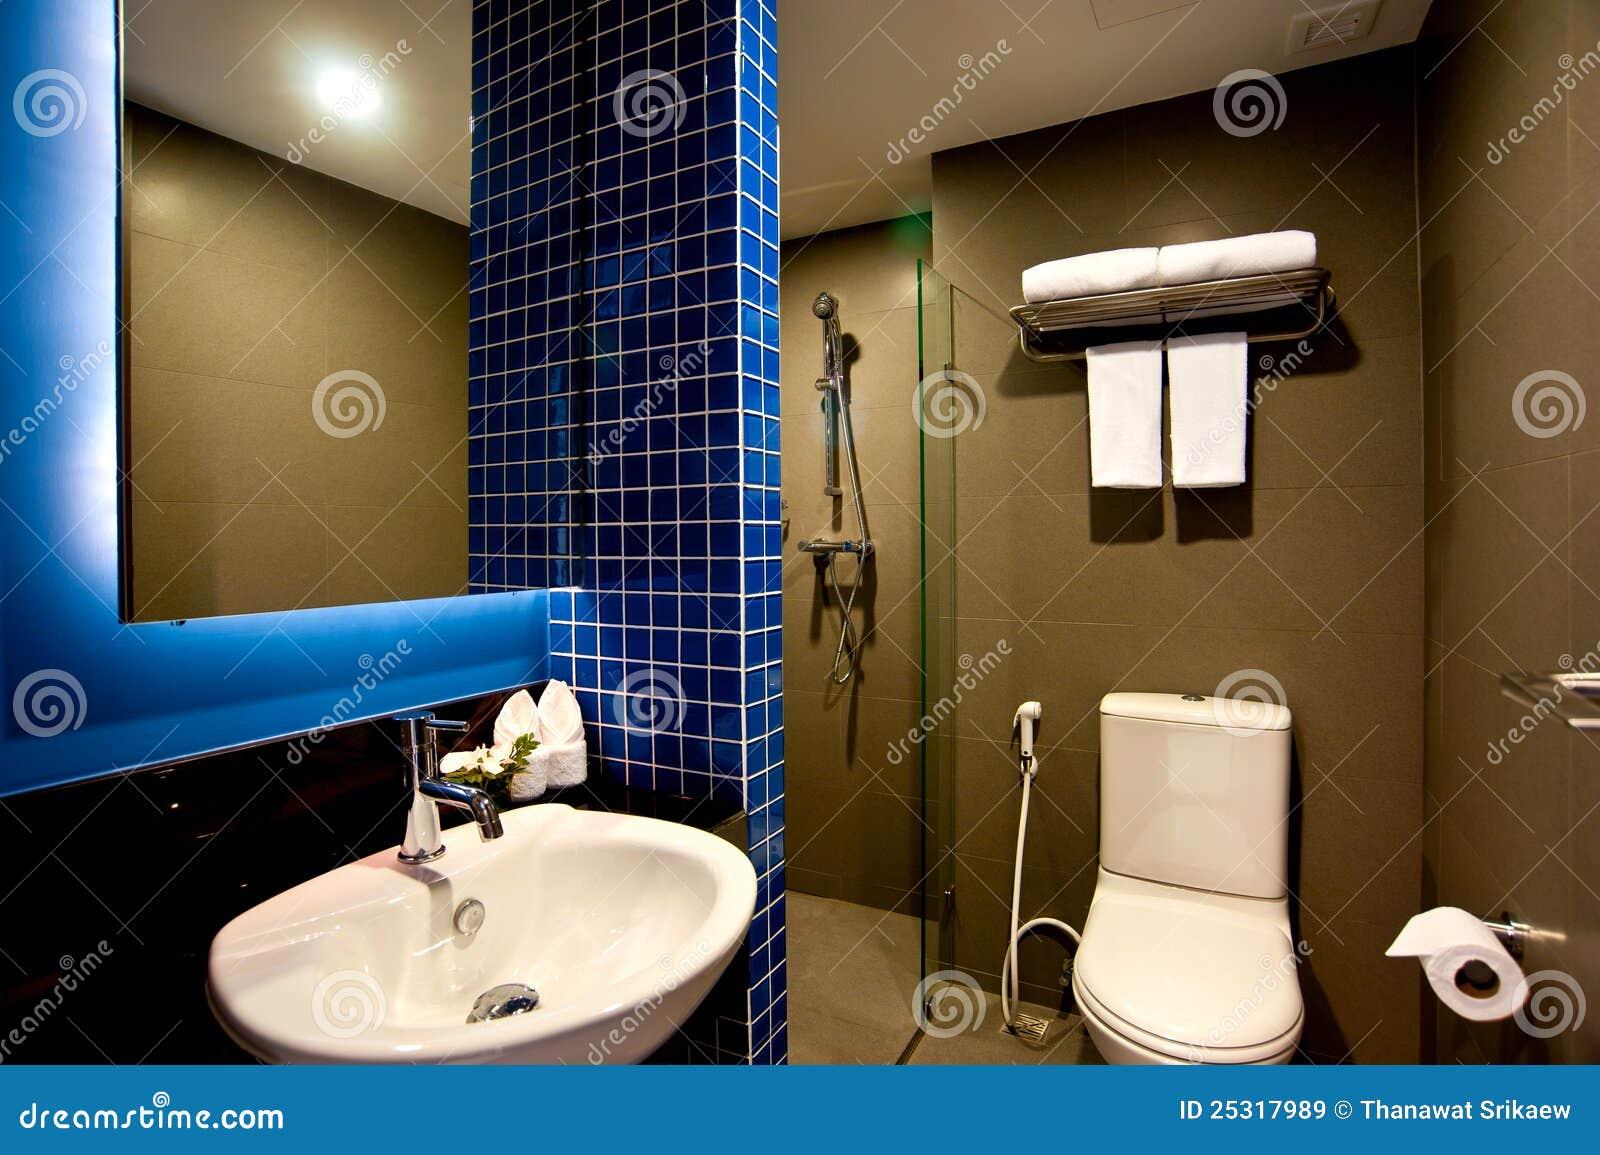 badezimmer hotel lizenzfreie stockbilder bild 25317989. Black Bedroom Furniture Sets. Home Design Ideas